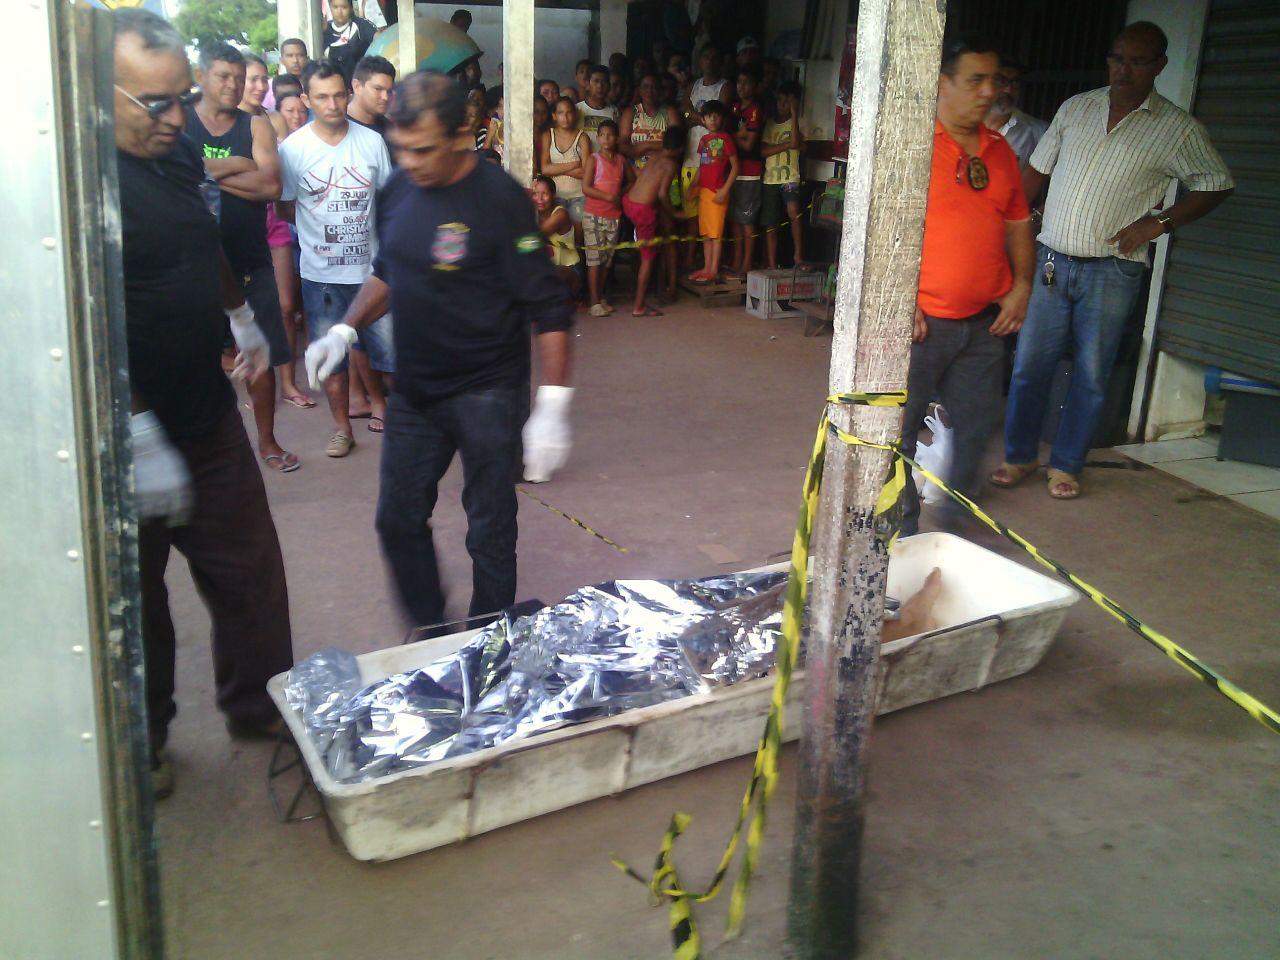 Suspeito de roubos, 'Bobóia' é morto com tiro na cabeça